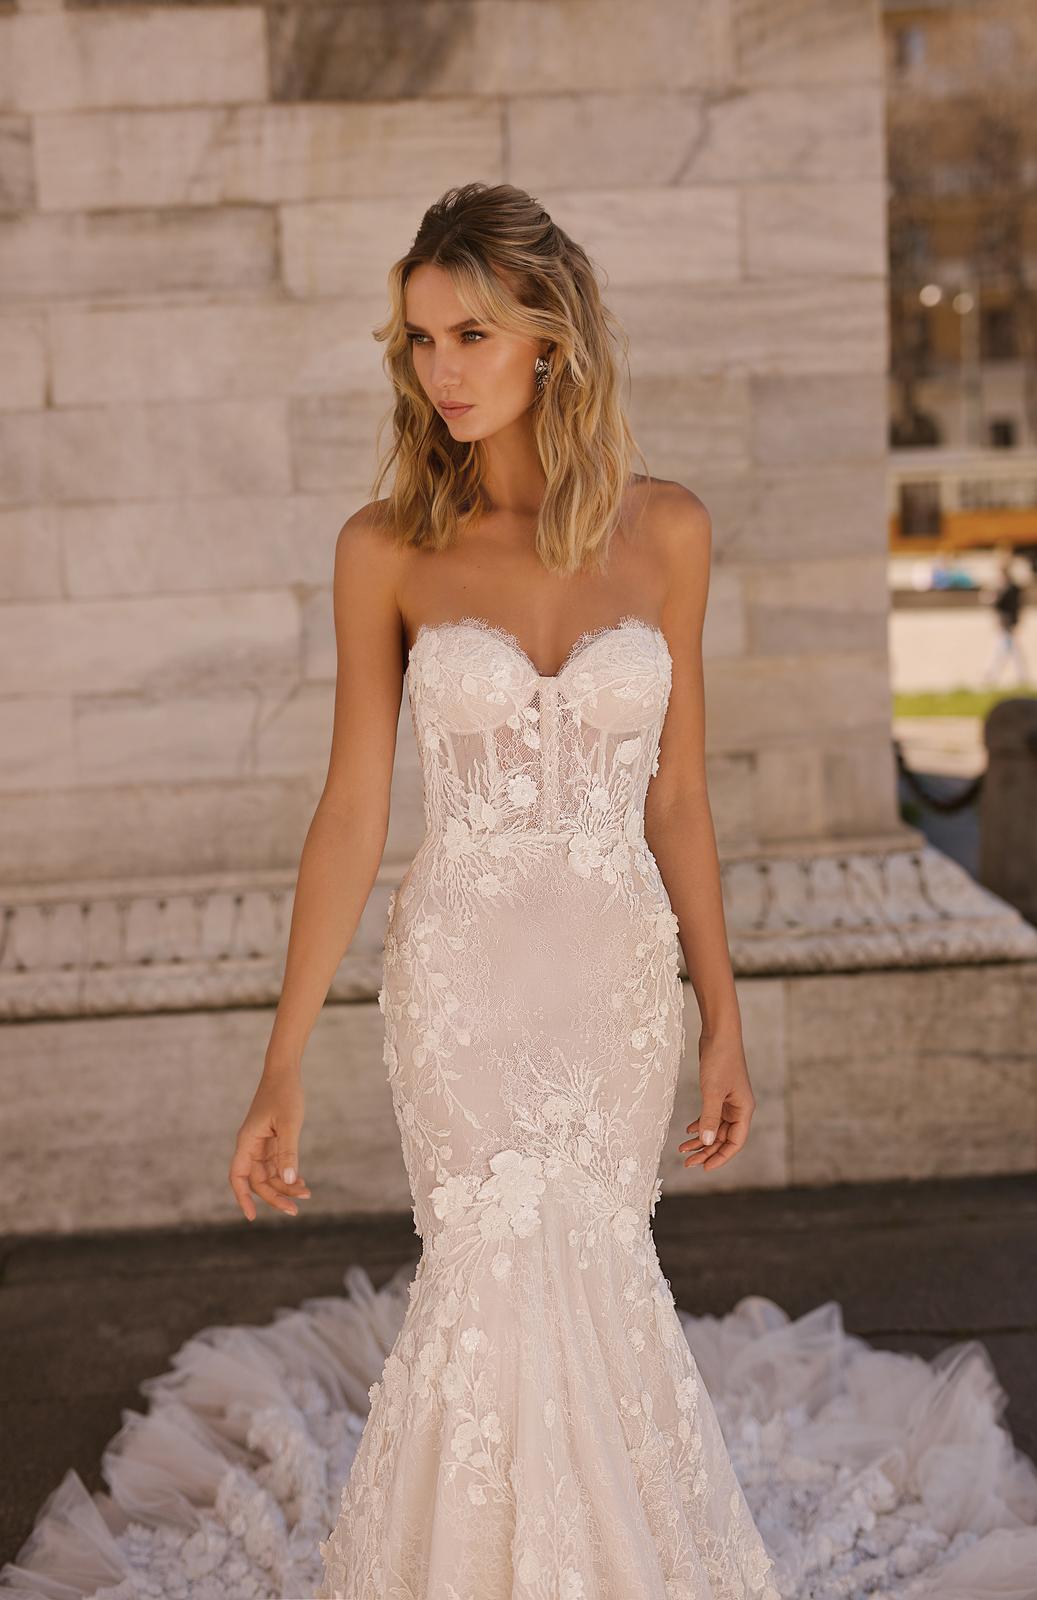 Svadobné šaty jar/leto 2020 BERTA Miláno - Obrázok č. 4